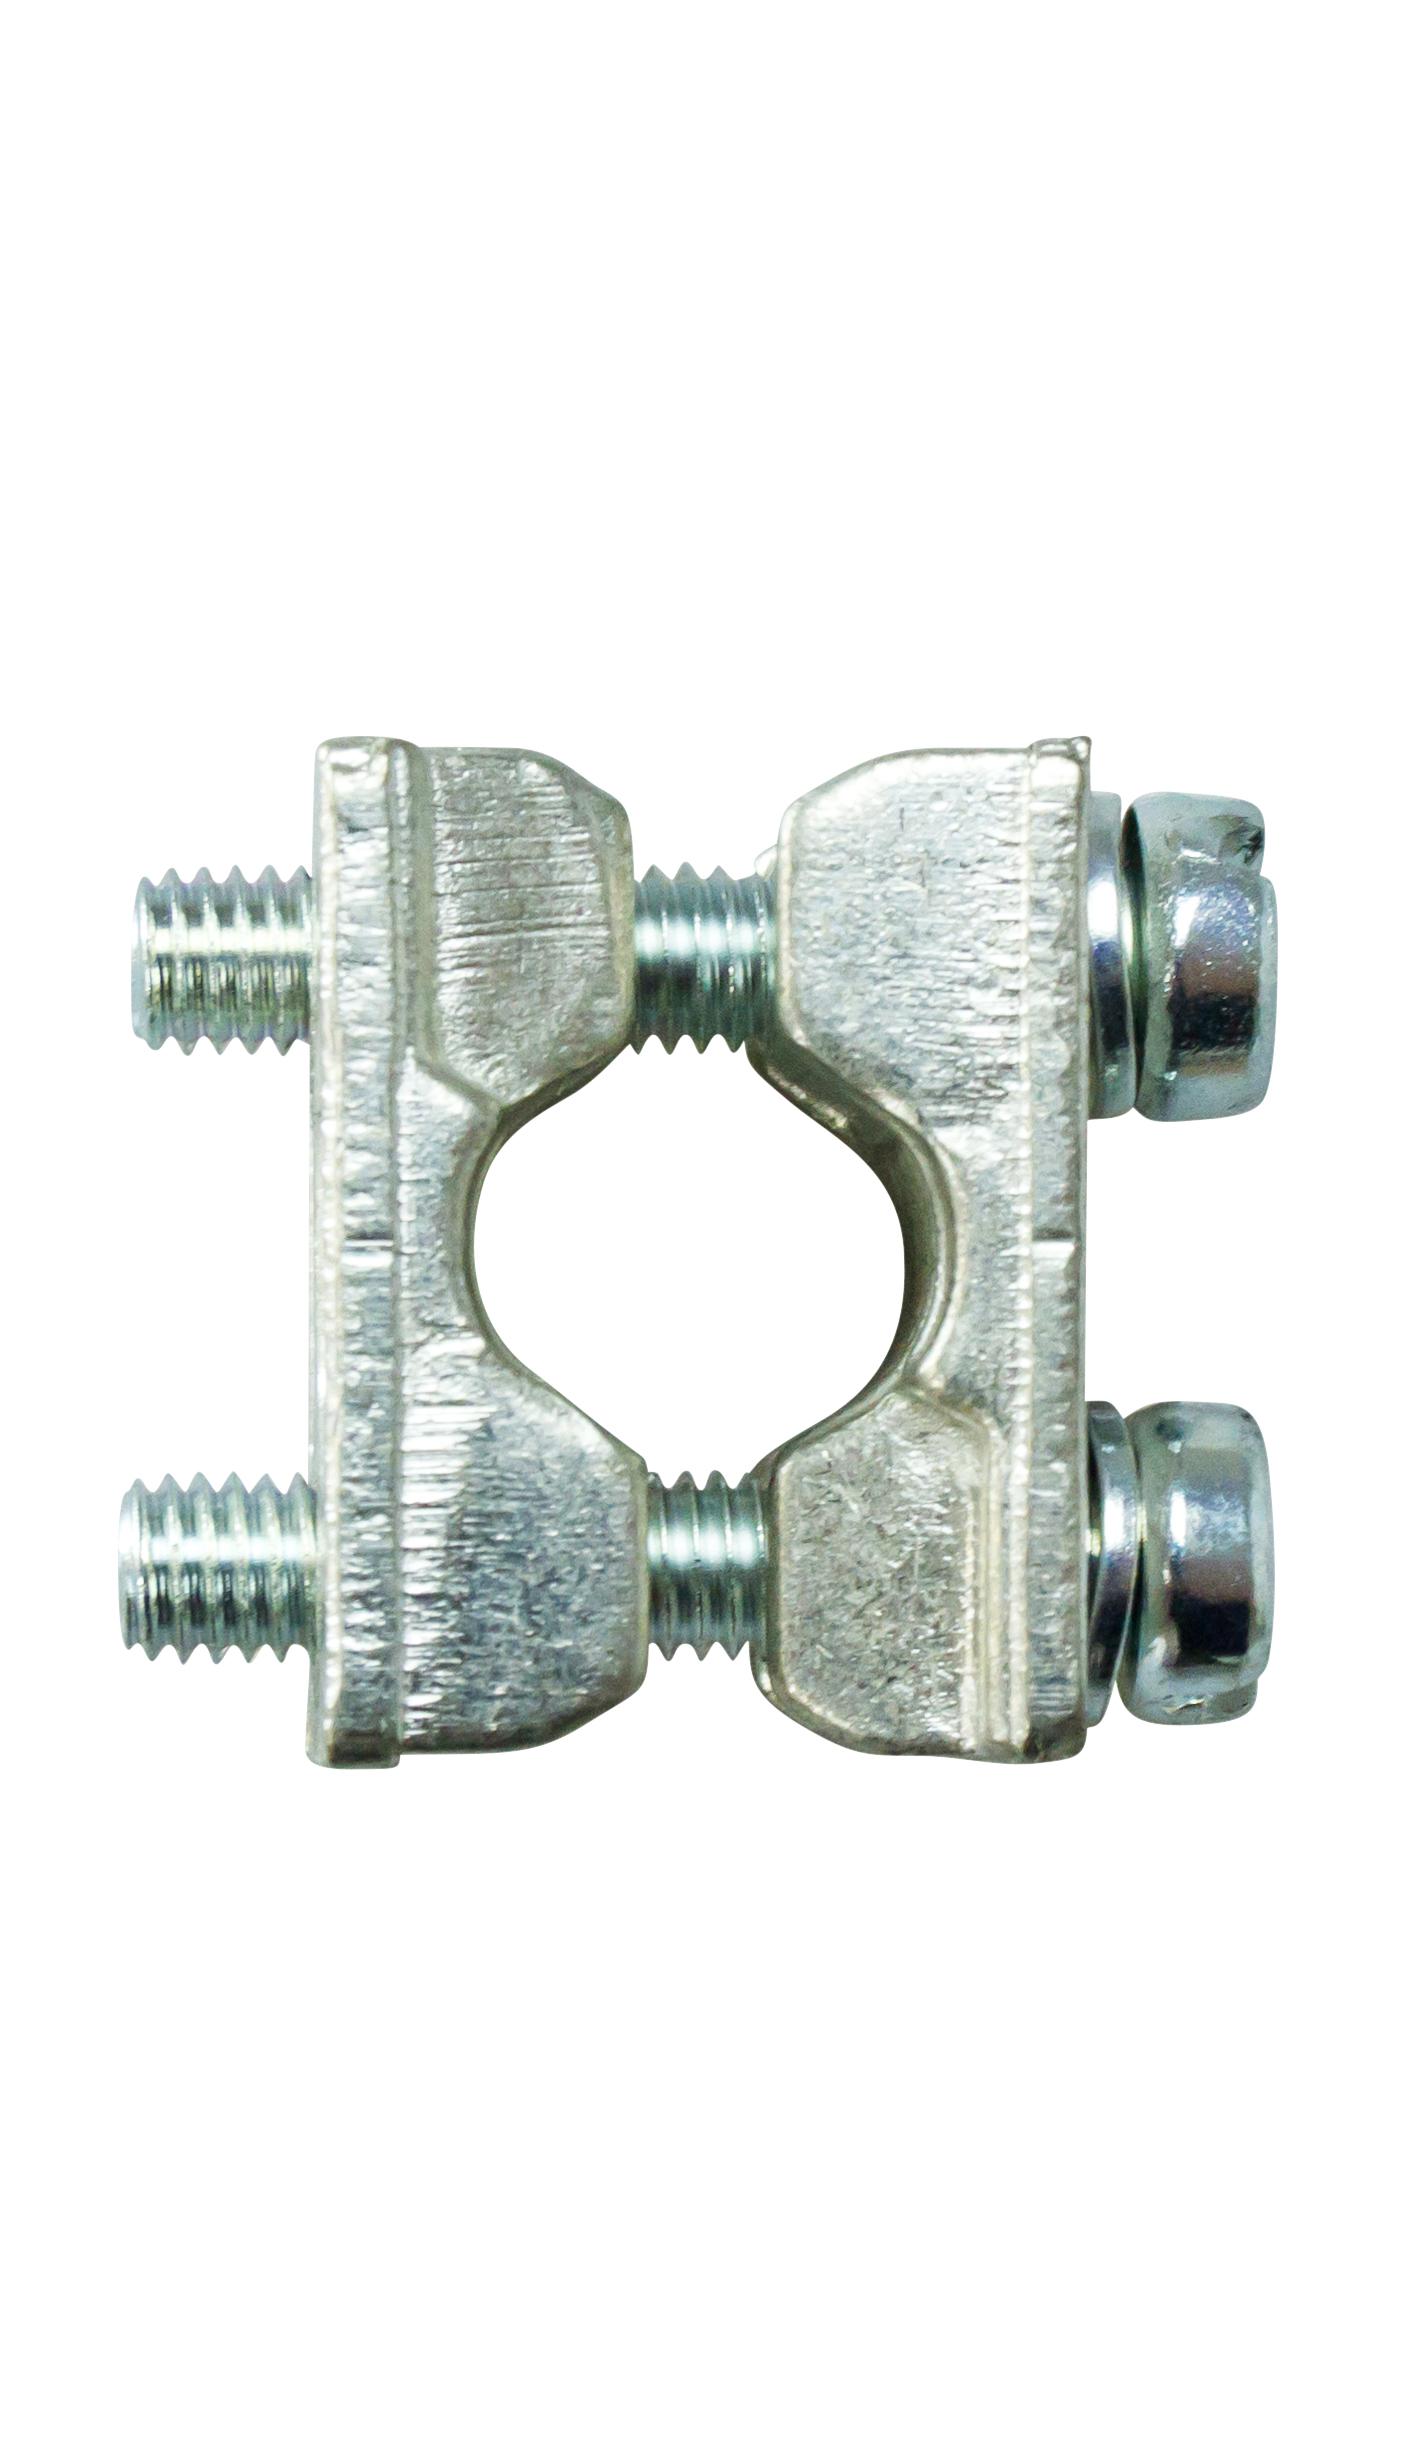 1 Stk Prismenklemme 1,5-70mm² für Größe 00 ISA05335--